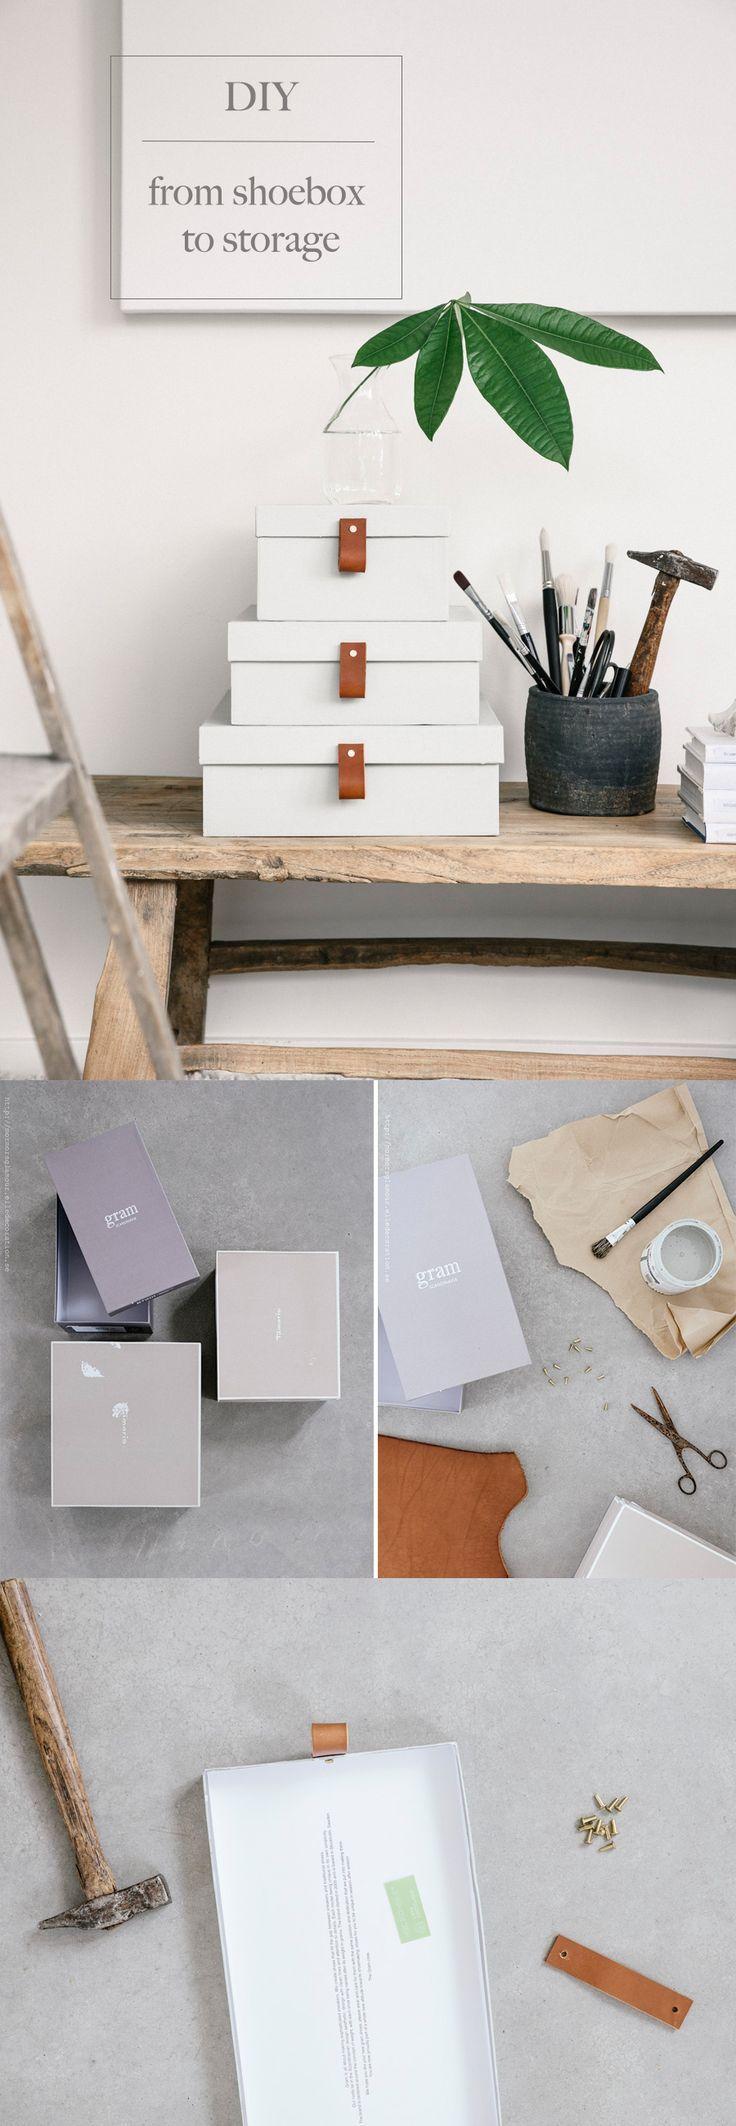 Einfaches wohnmöbel design diy gör om skolådorna till fina förvaringslådor med läderdetaljer